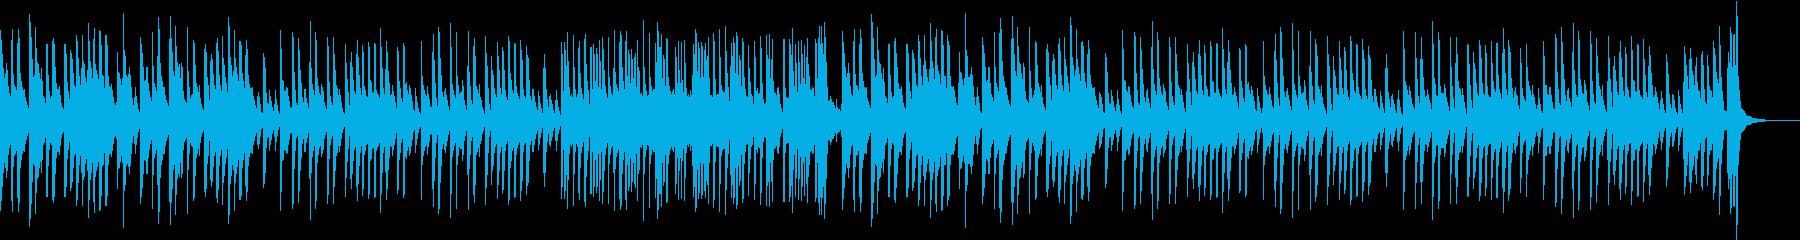 楽しくてワクワクする軽快なピアノ曲3の再生済みの波形